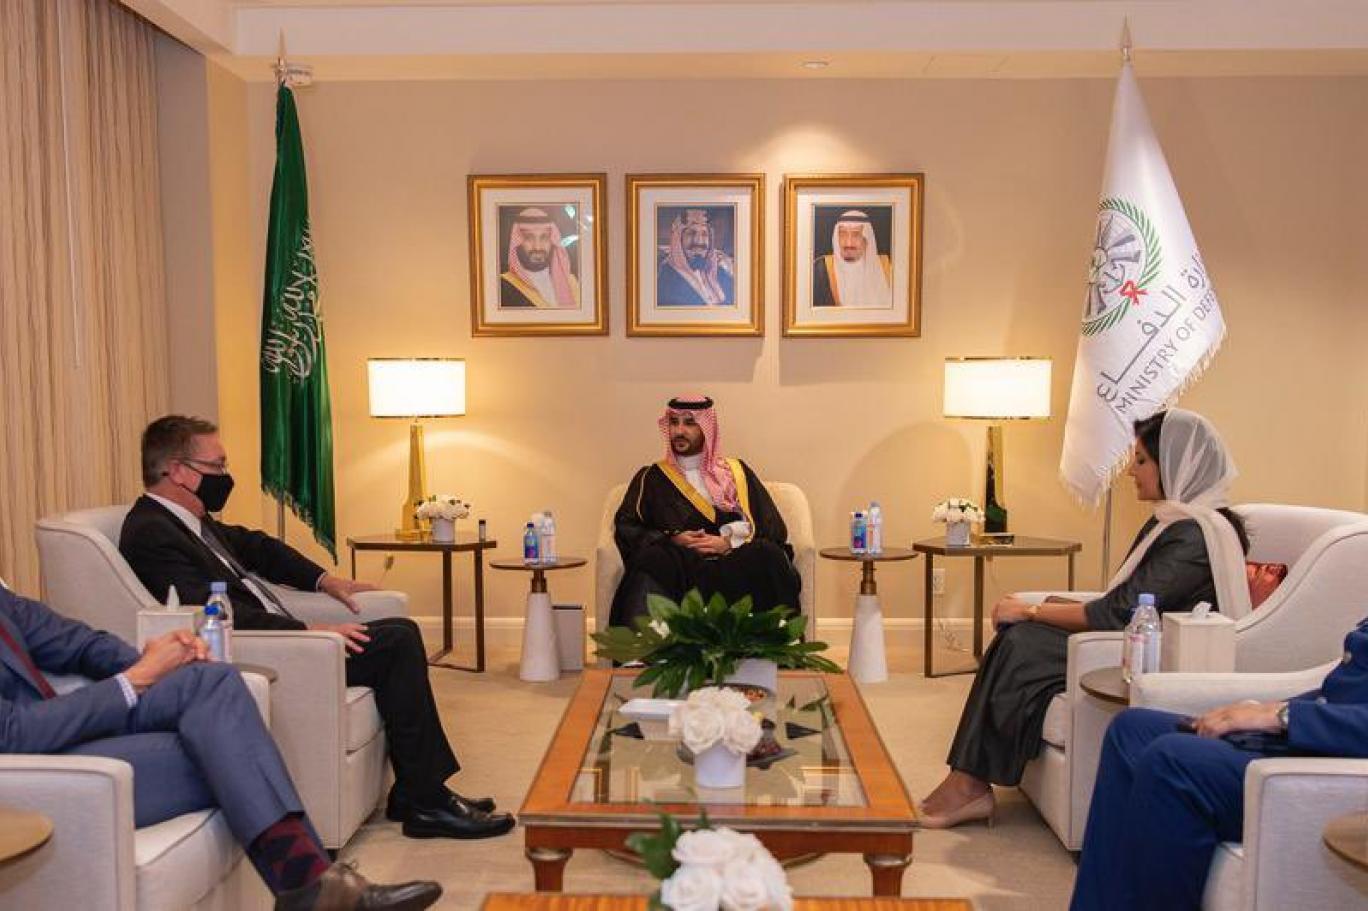 391661-114182233 جزء من لقاءات نائب وزير الدفاع السعودي في واشنطن (واس).jpg